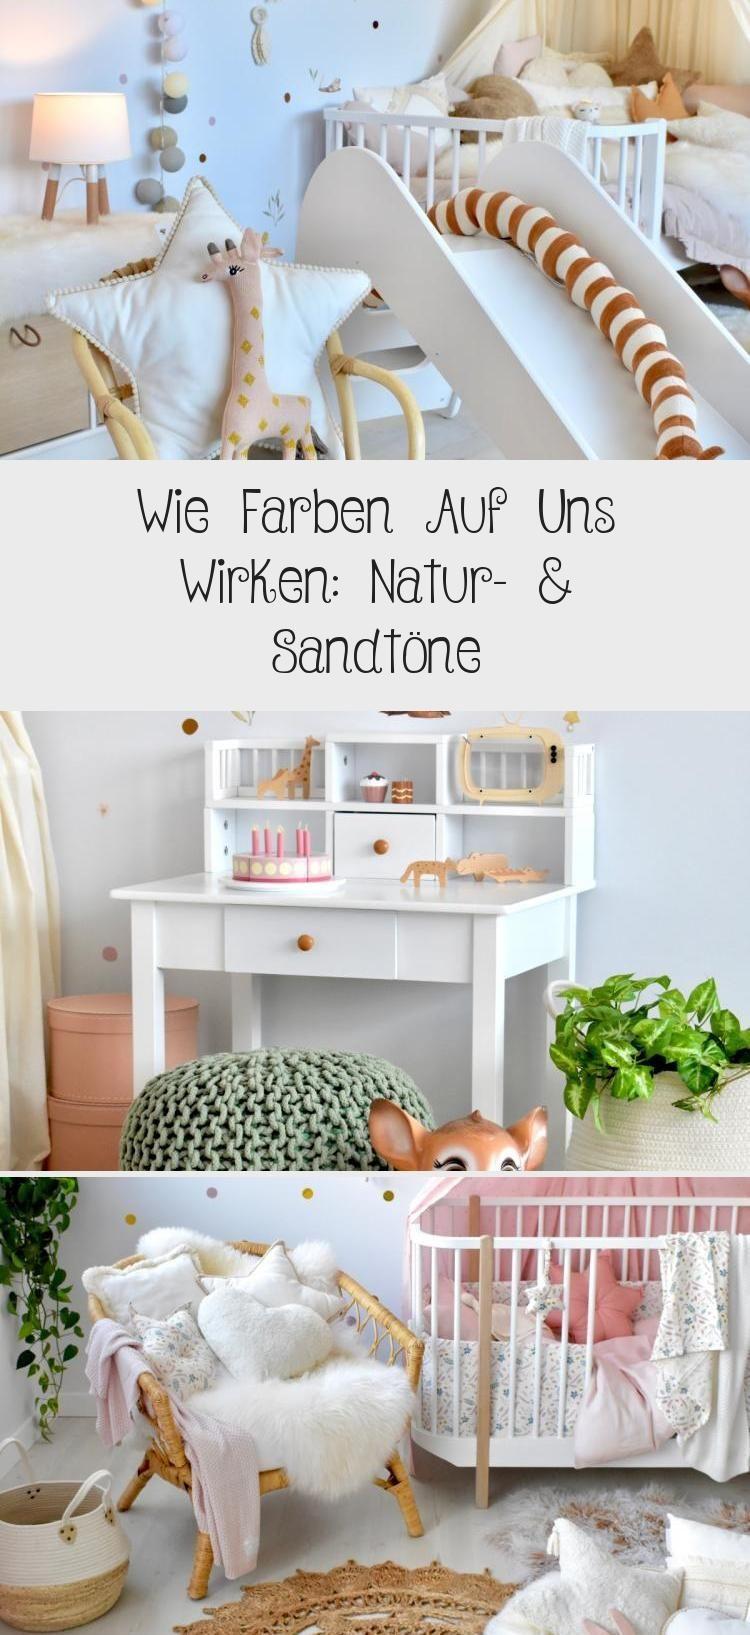 Wie Farben Auf Uns Wirken Natur Sandtöne Babyzimmer Babyzimmer In Naturtönen Mit Senfgelb Und Karamell Kombinie Colorful Kids Room Room Colors Baby Room